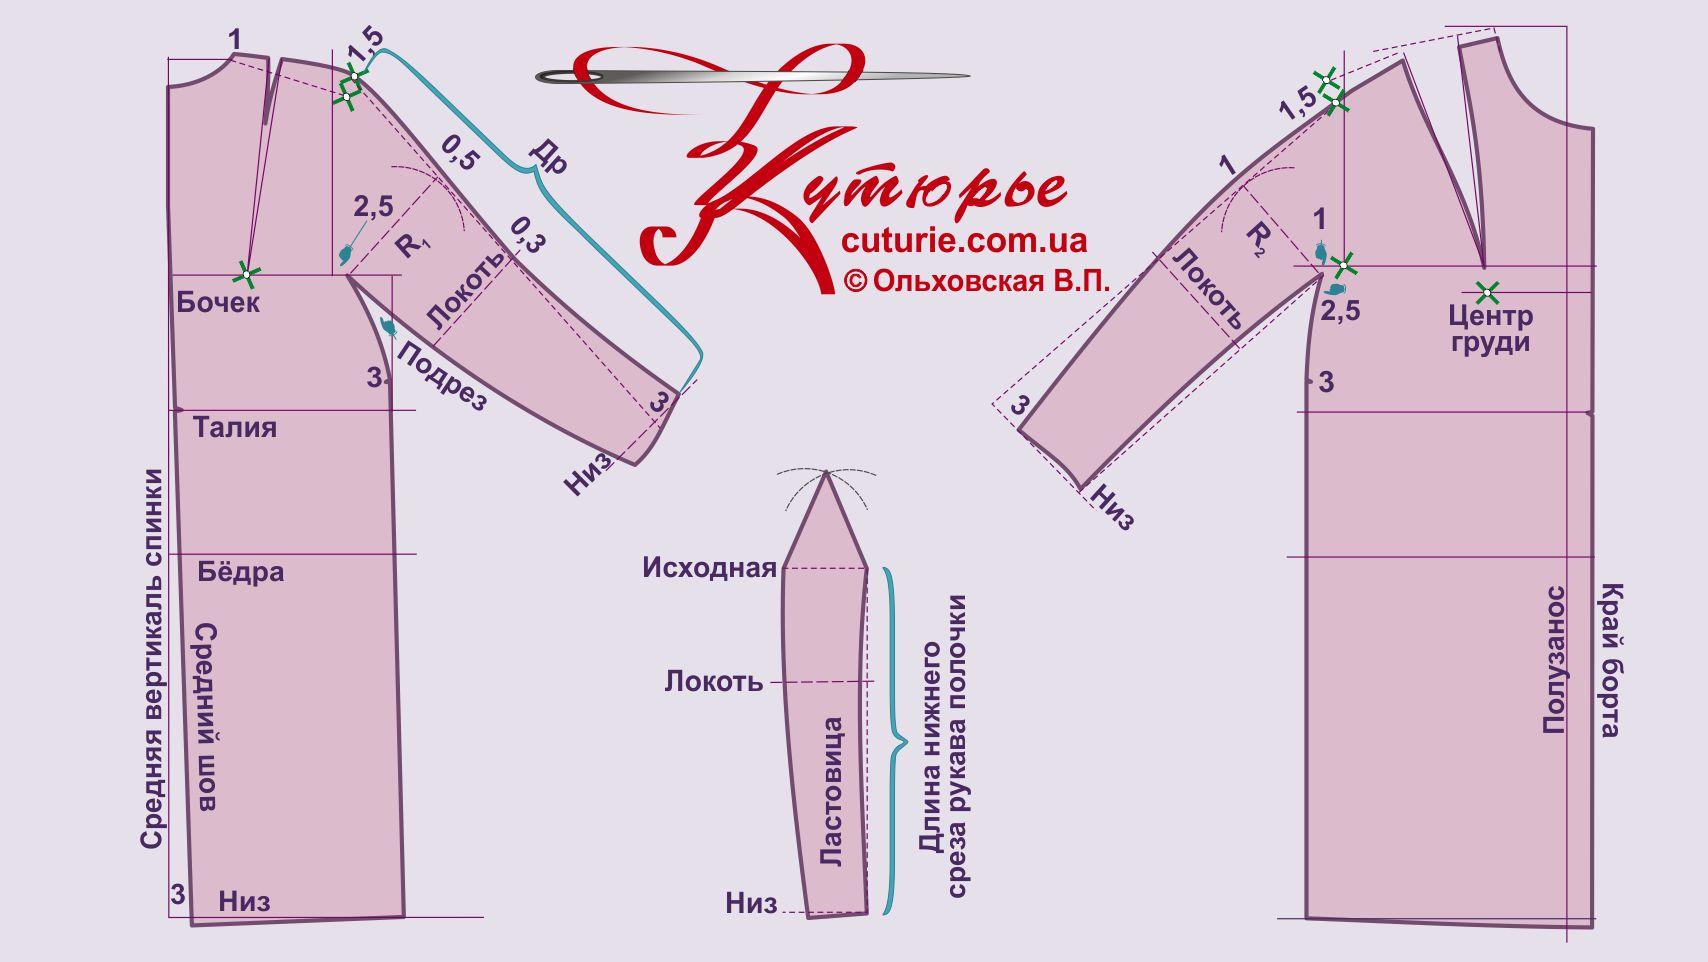 Выкройка пальто с цельнокроеным рукавом: инструкции и мастер-класс по конструированию цельнокроеного рукава на примере пальто-кимоно